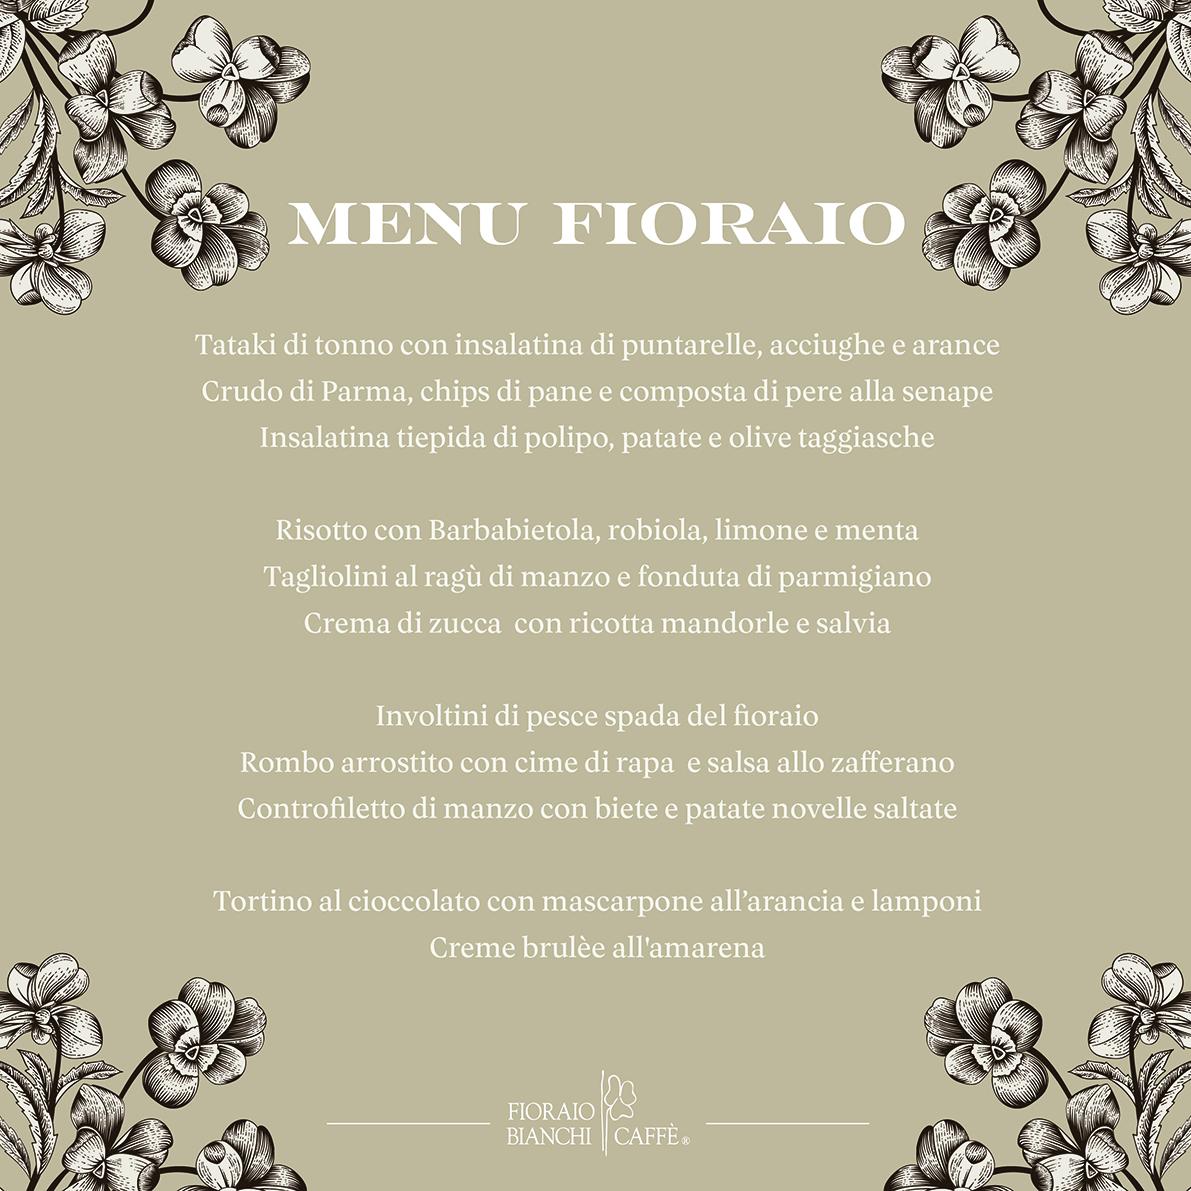 grafiche fioraio menu